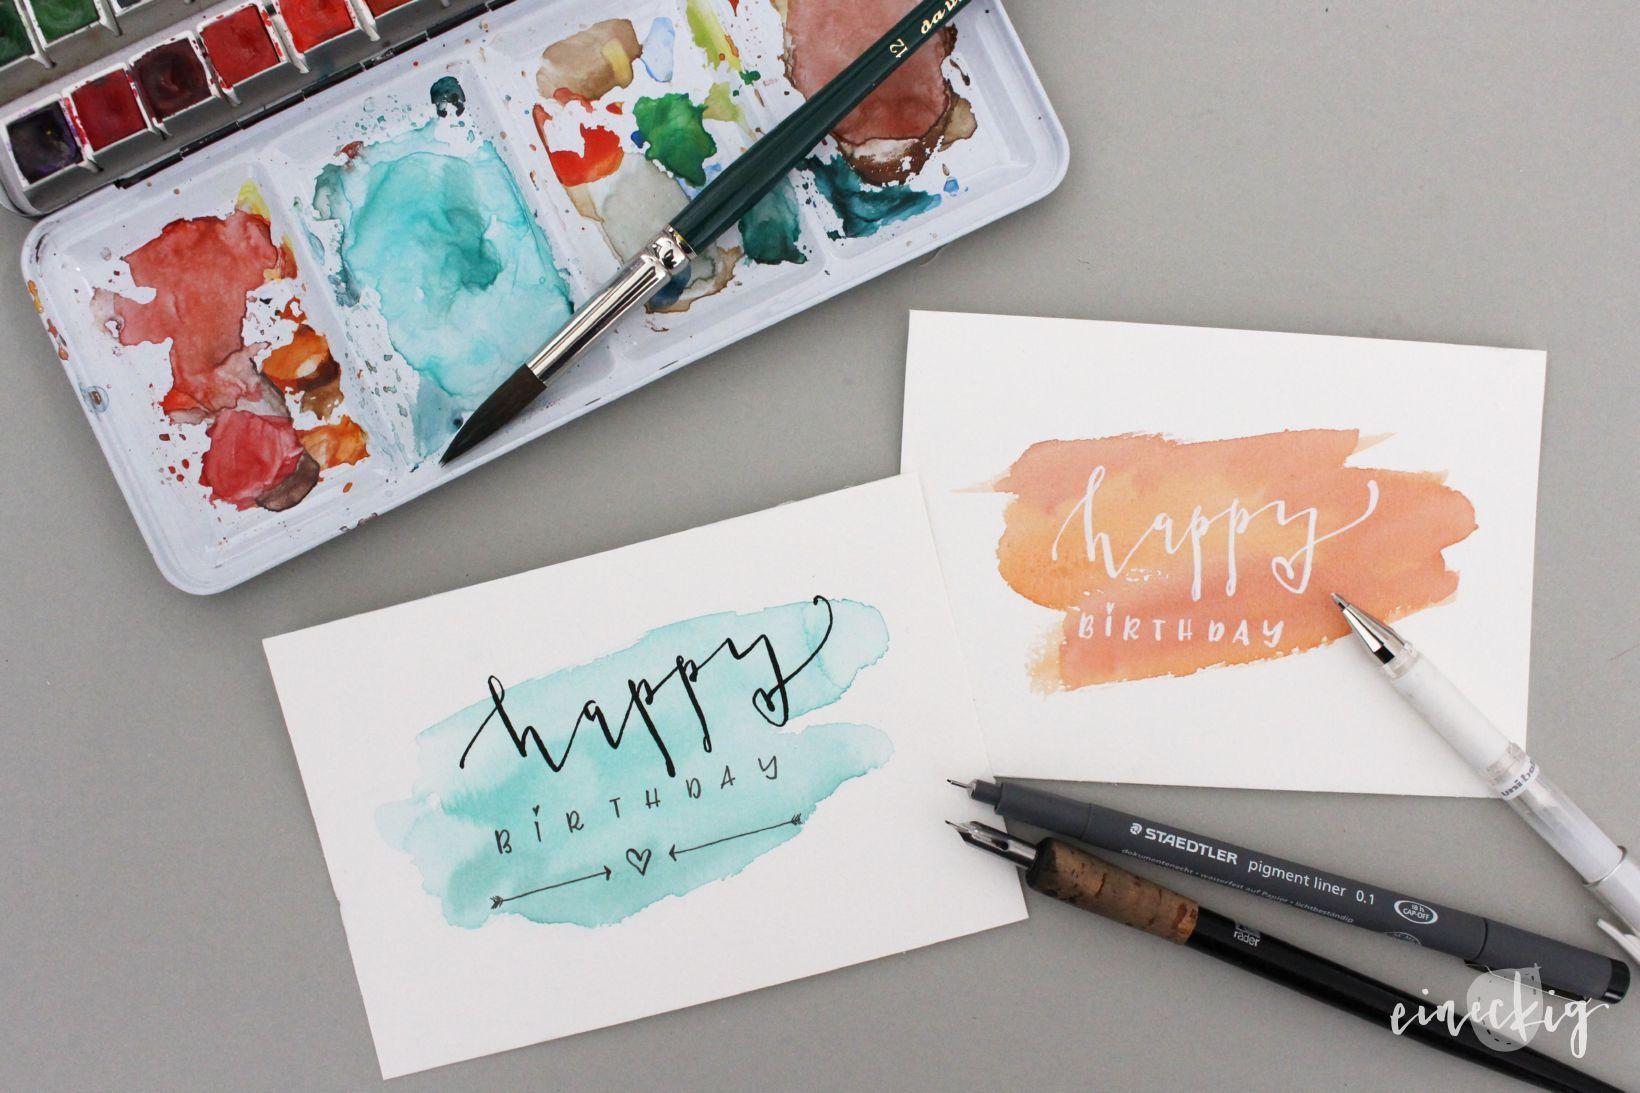 DIY Geburtstagskarte mit Happy Birthday Schriftzug